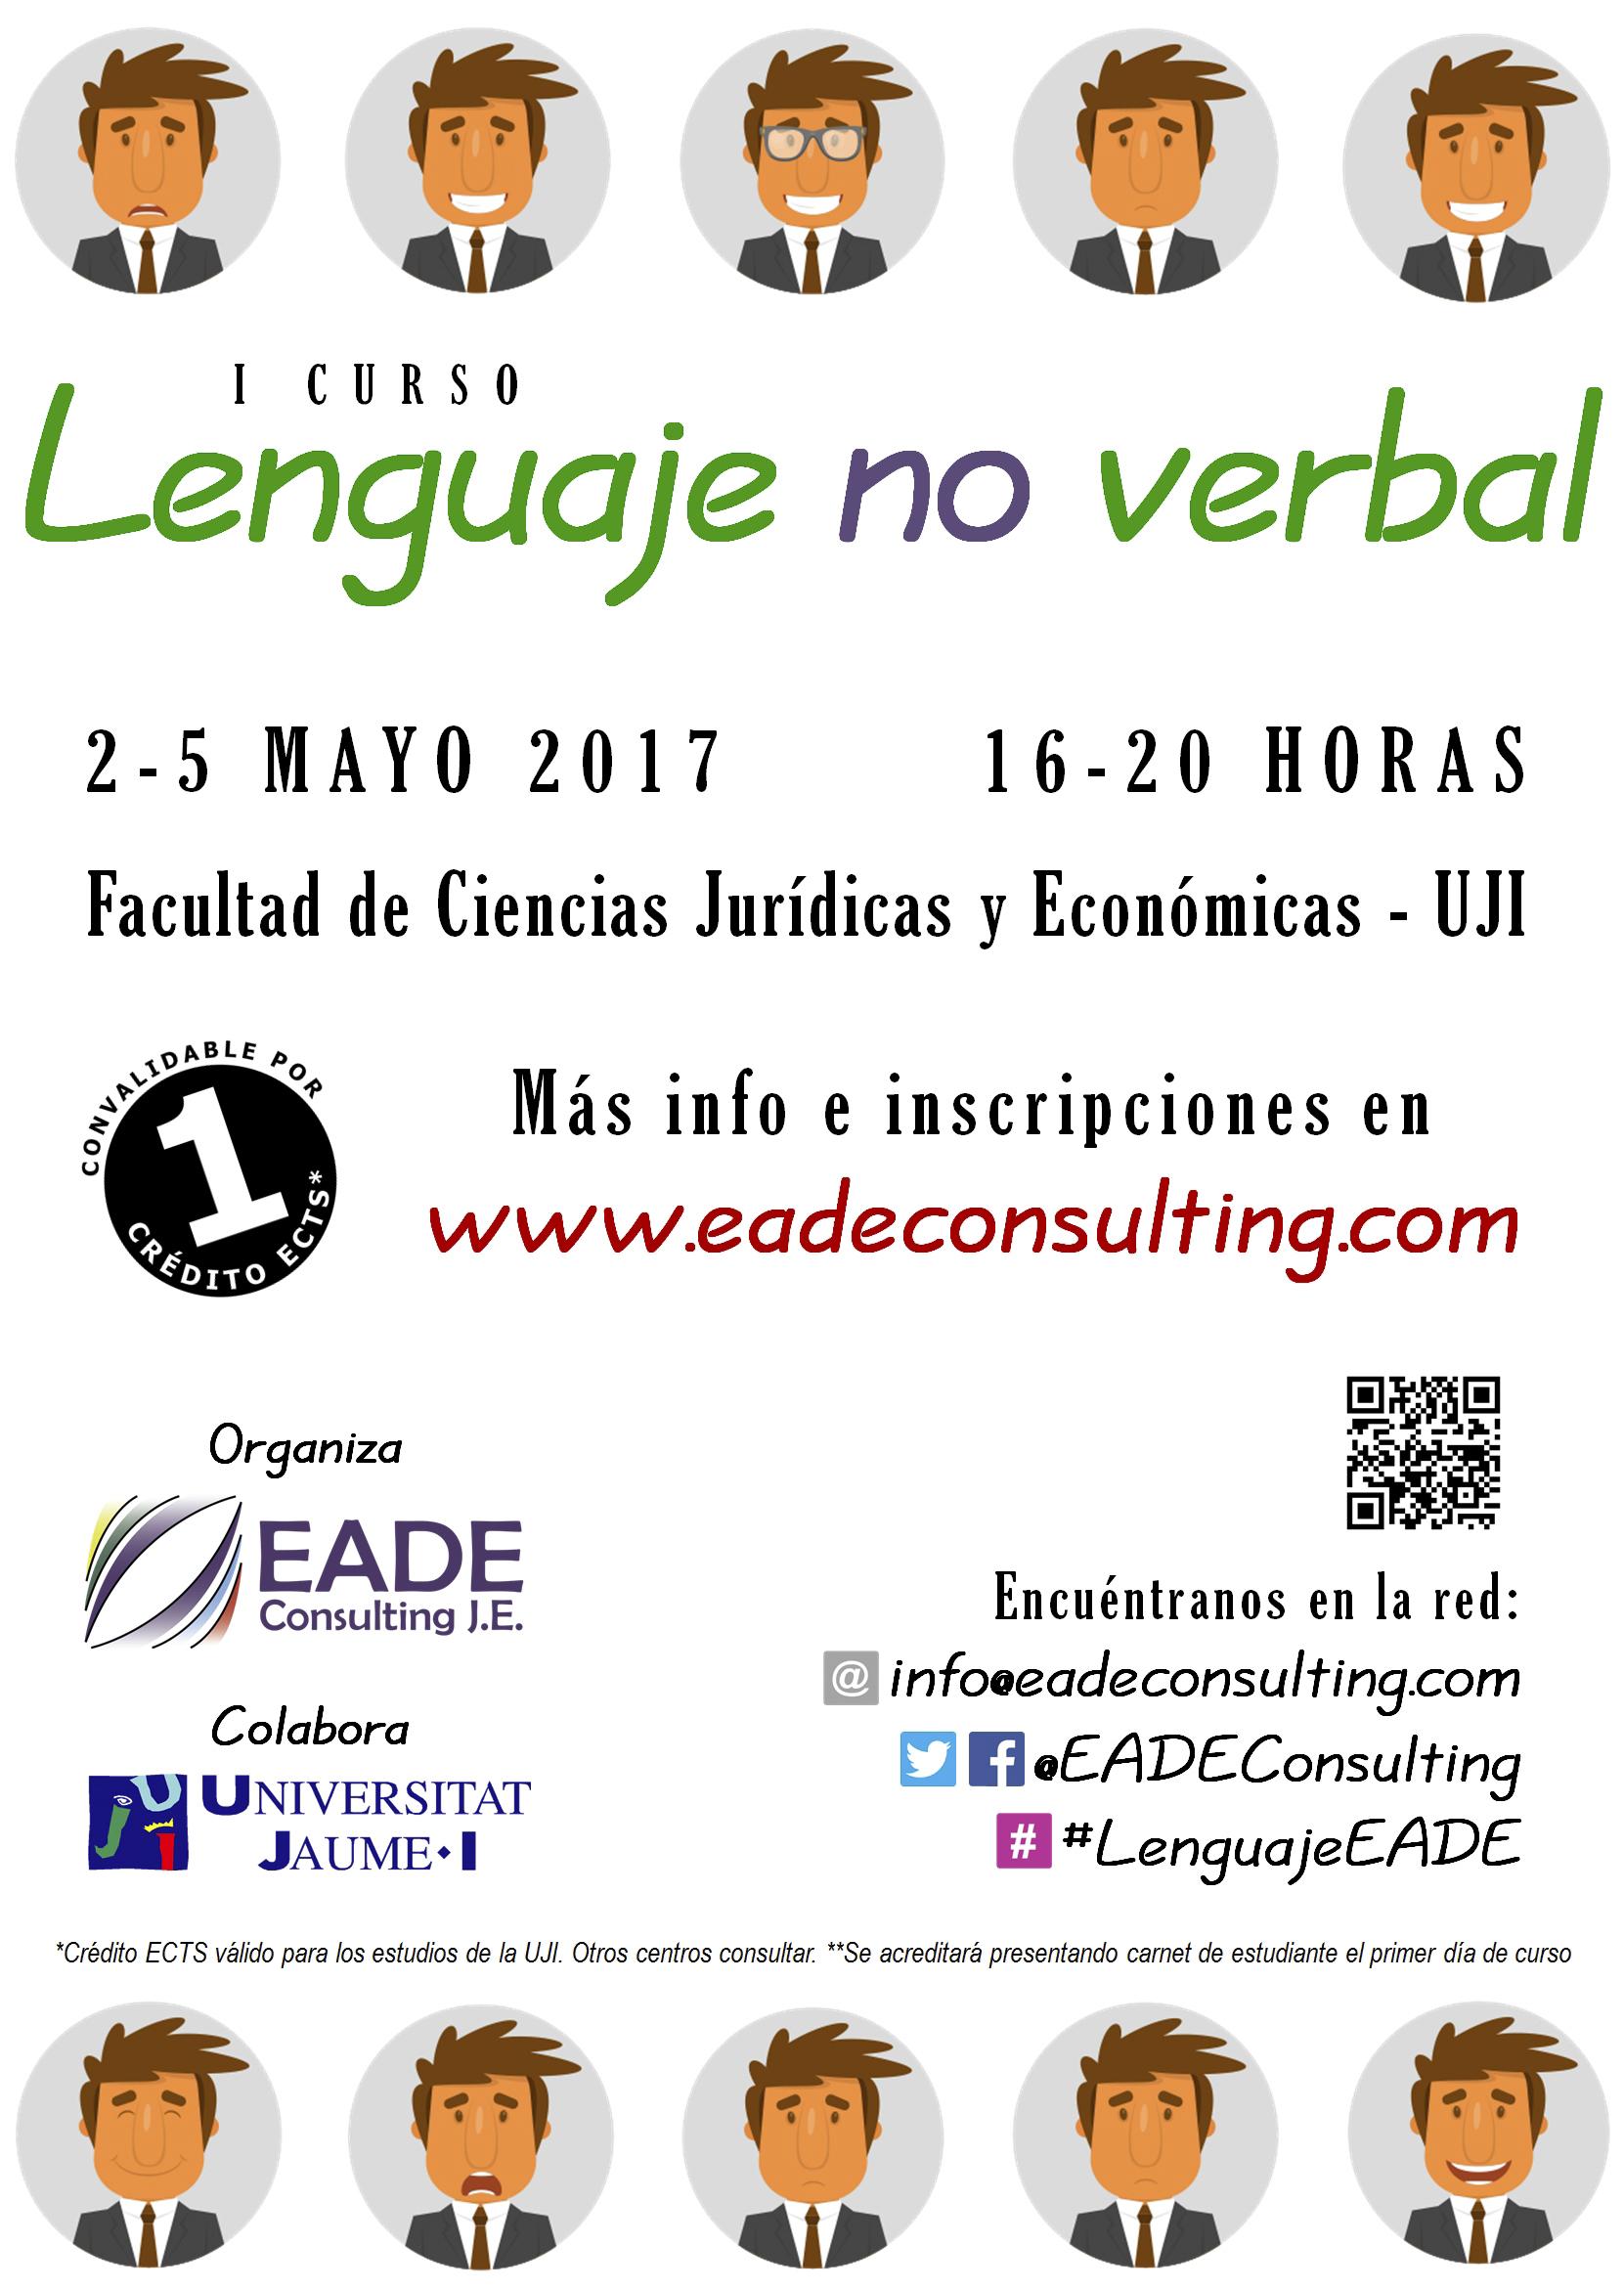 Santiago Consultores imparte uno de los talleres del ciclo Lenguaje no verbal que se organiza en la UJI